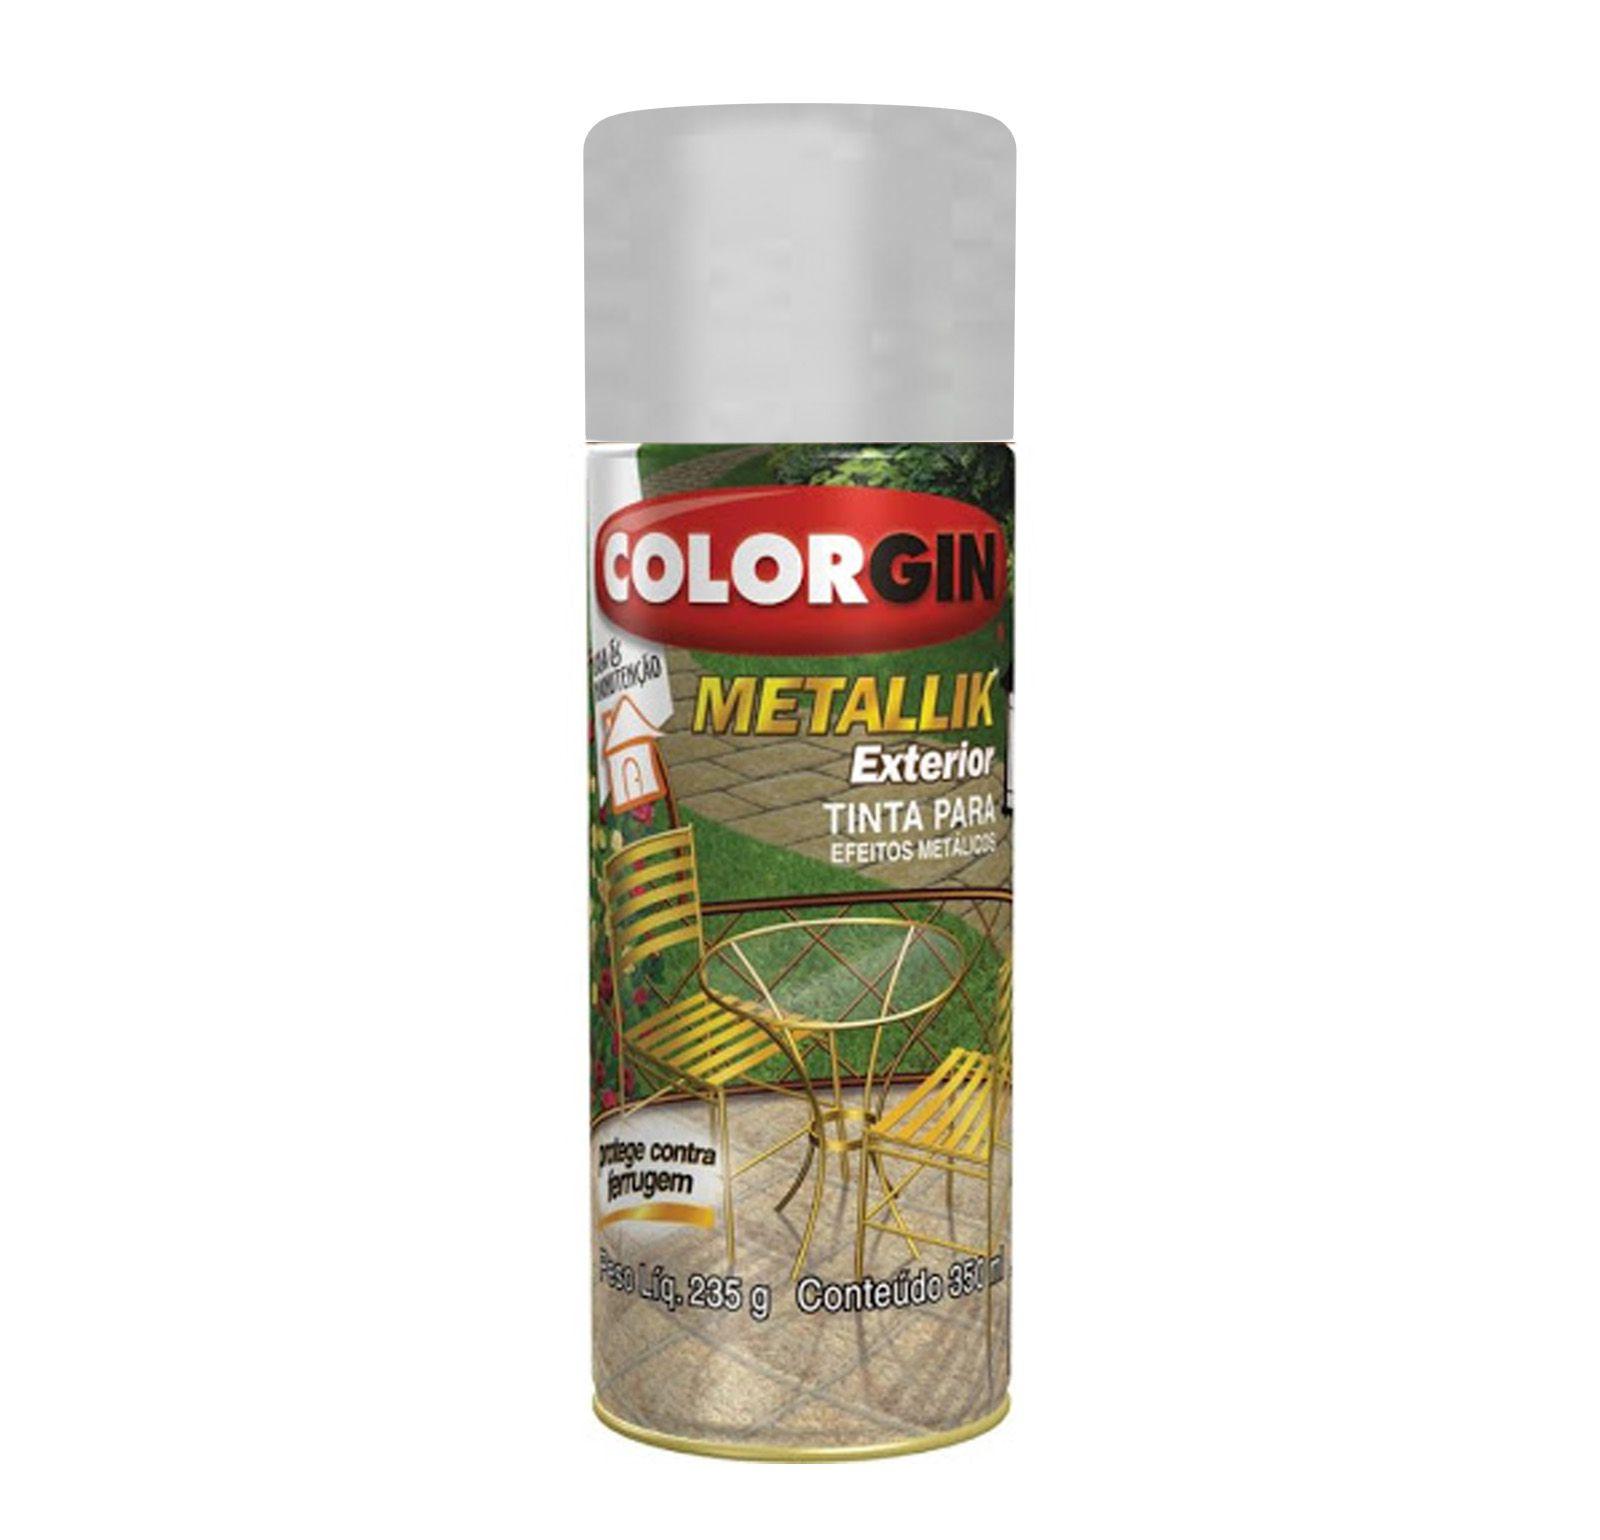 Spray Colorgin Metalik Prata Metalico 64